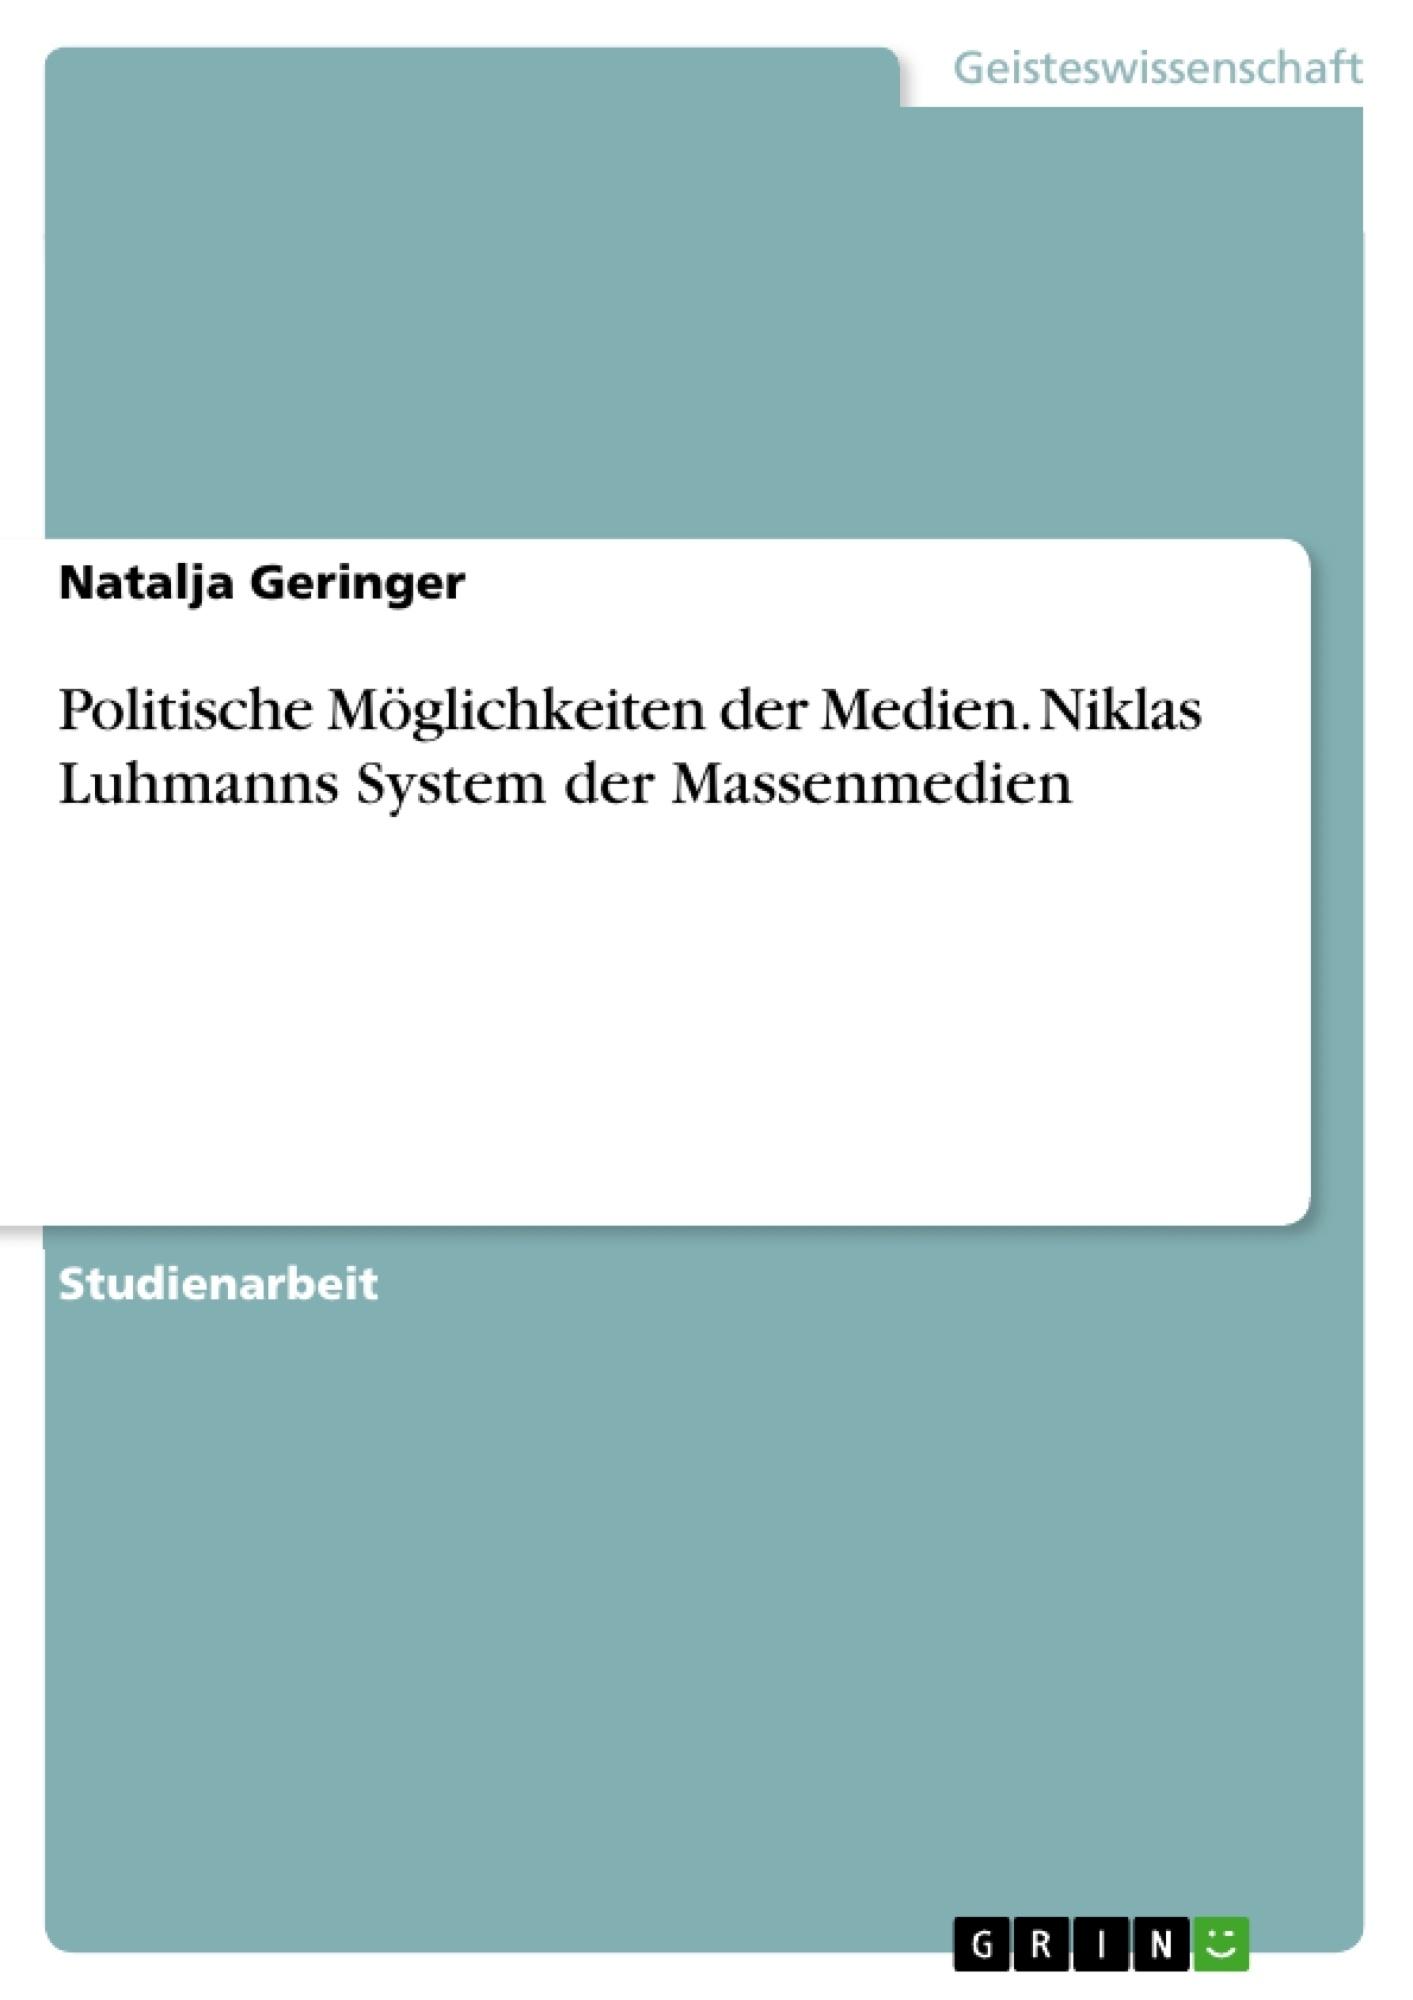 Titel: Politische Möglichkeiten der Medien. Niklas Luhmanns System der Massenmedien